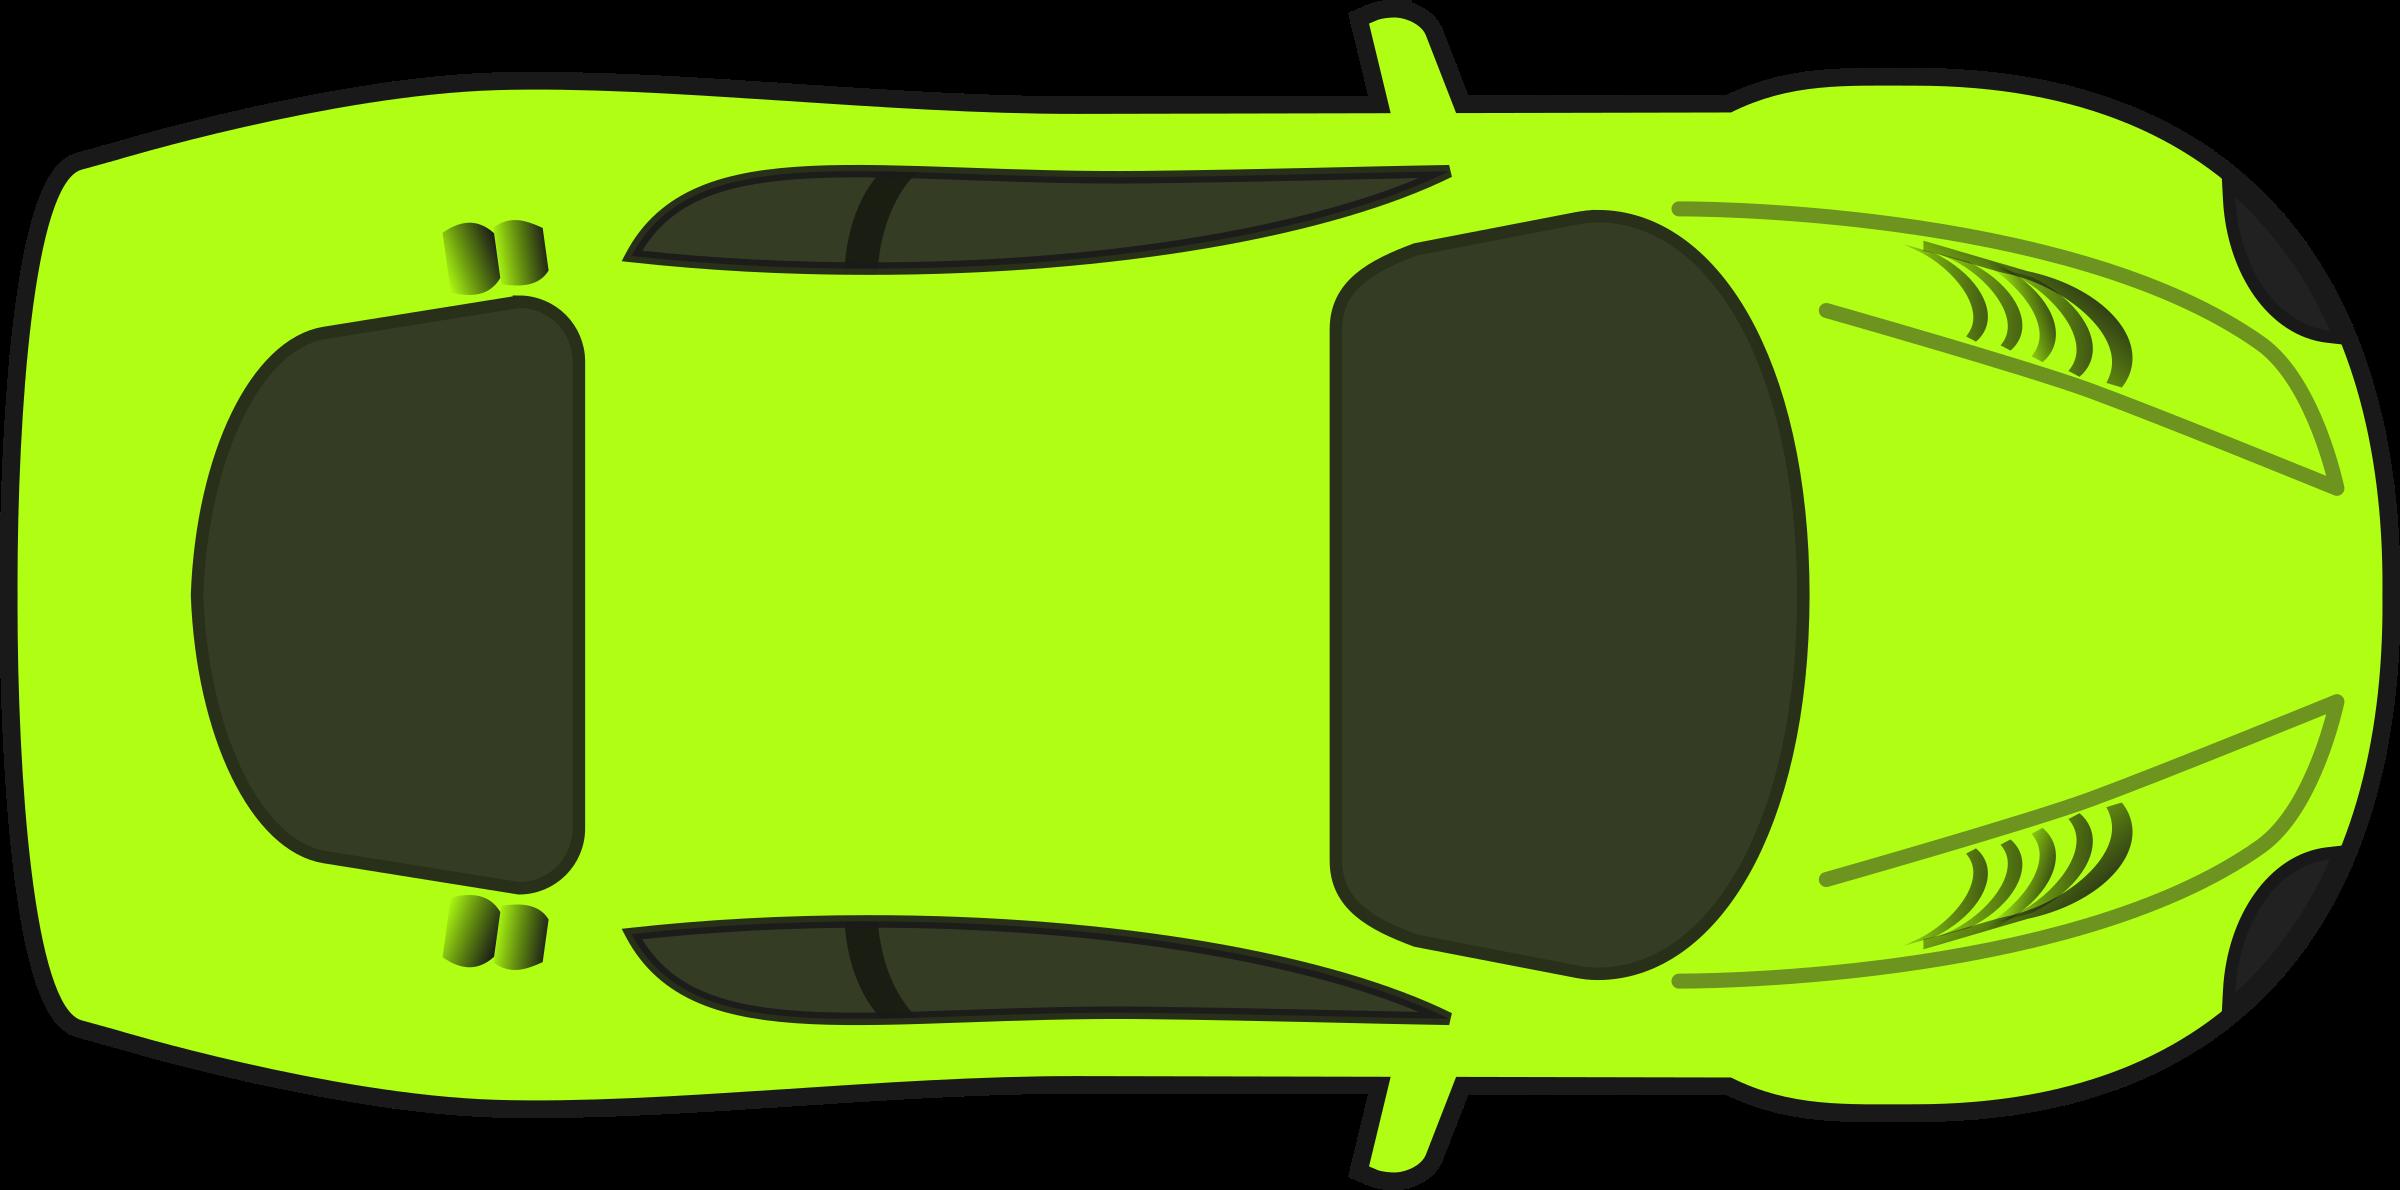 Car clipart top view vector transparent download Clipart - Bright Green Racing Car (Top View) vector transparent download